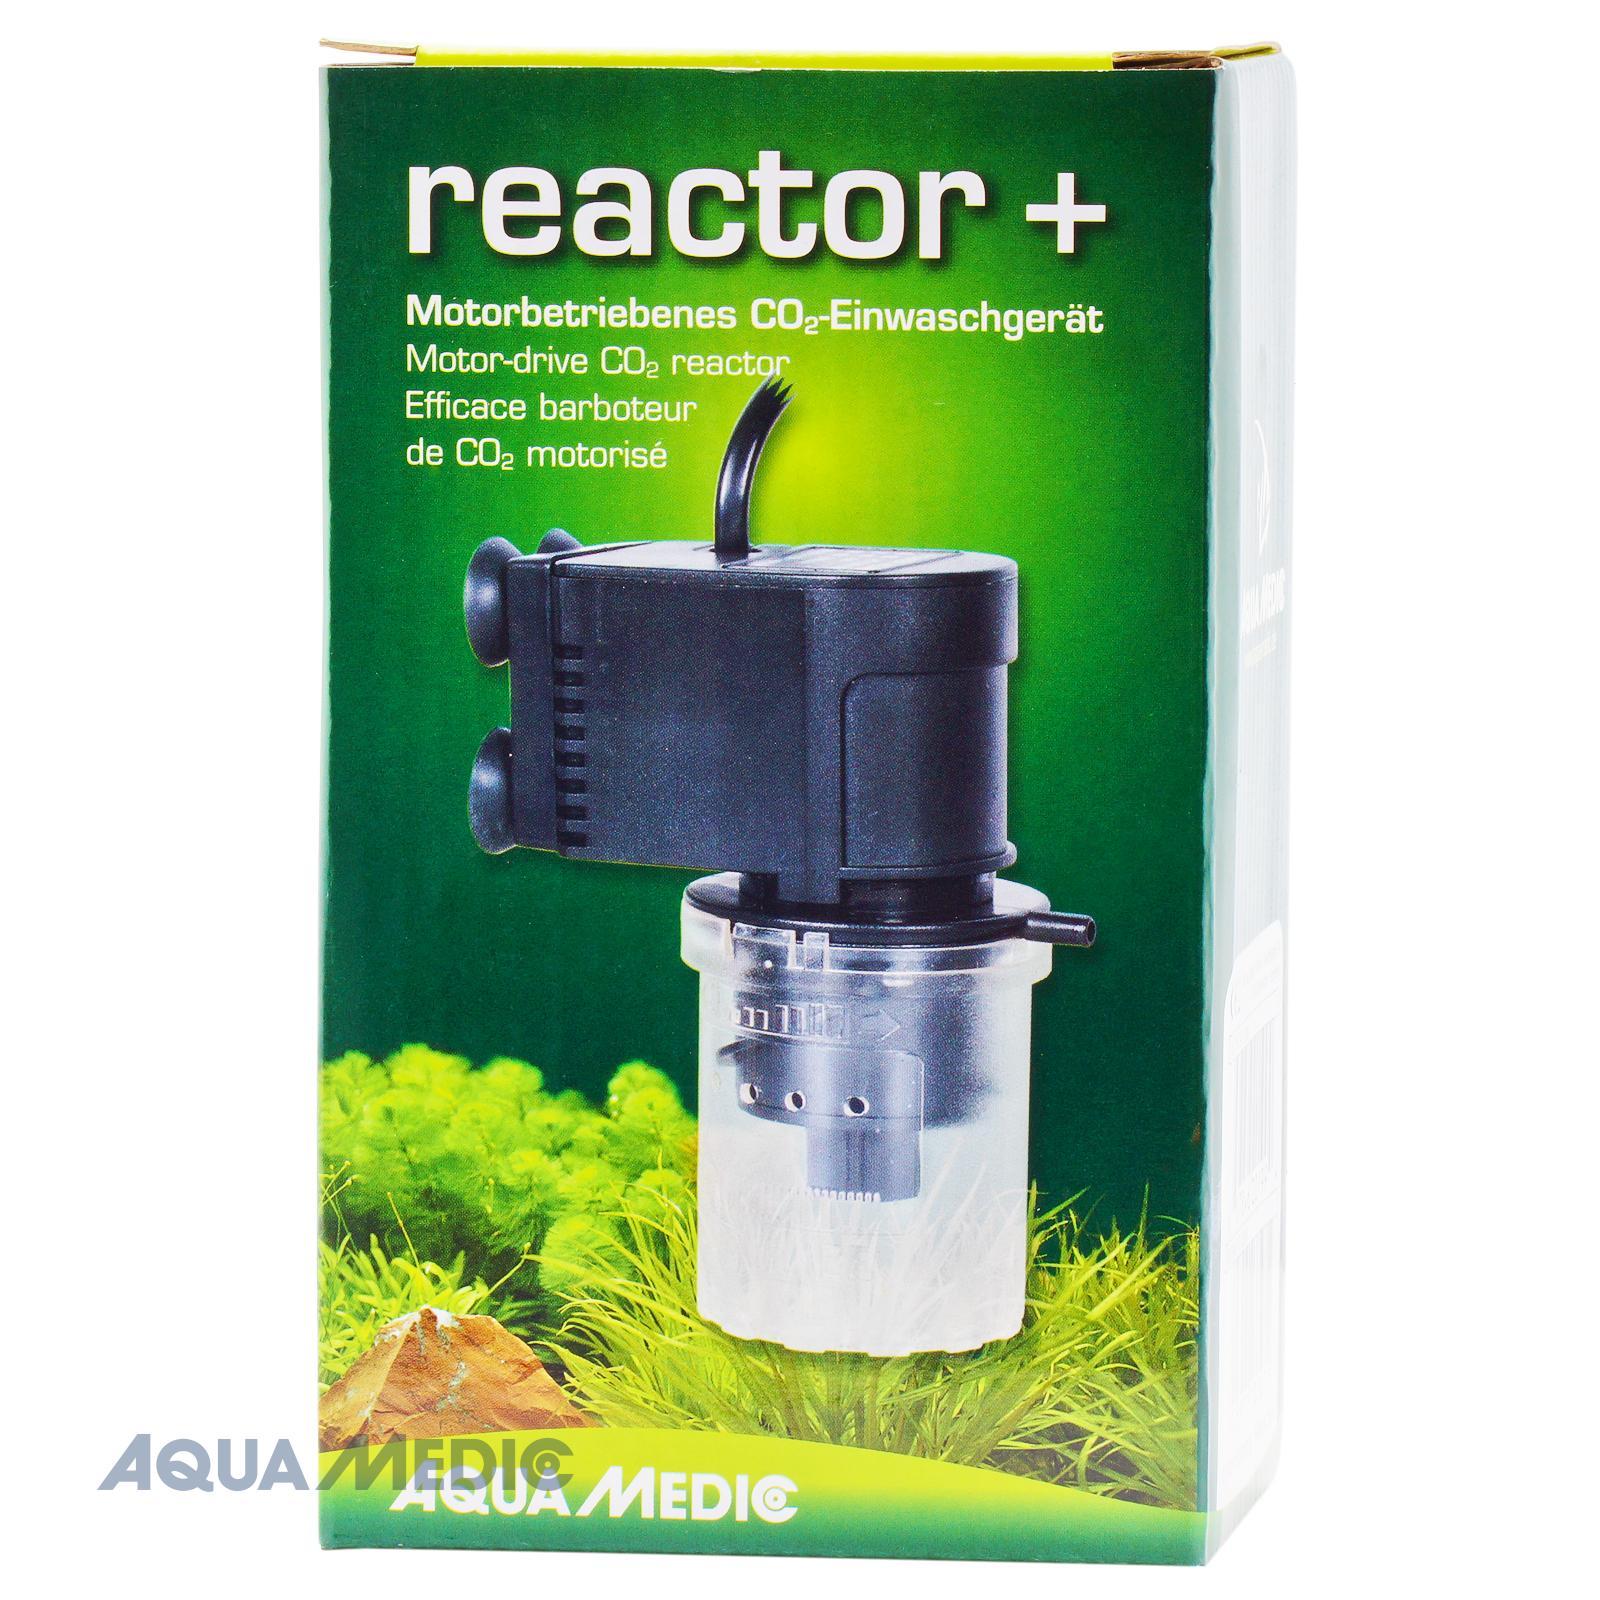 reactor +